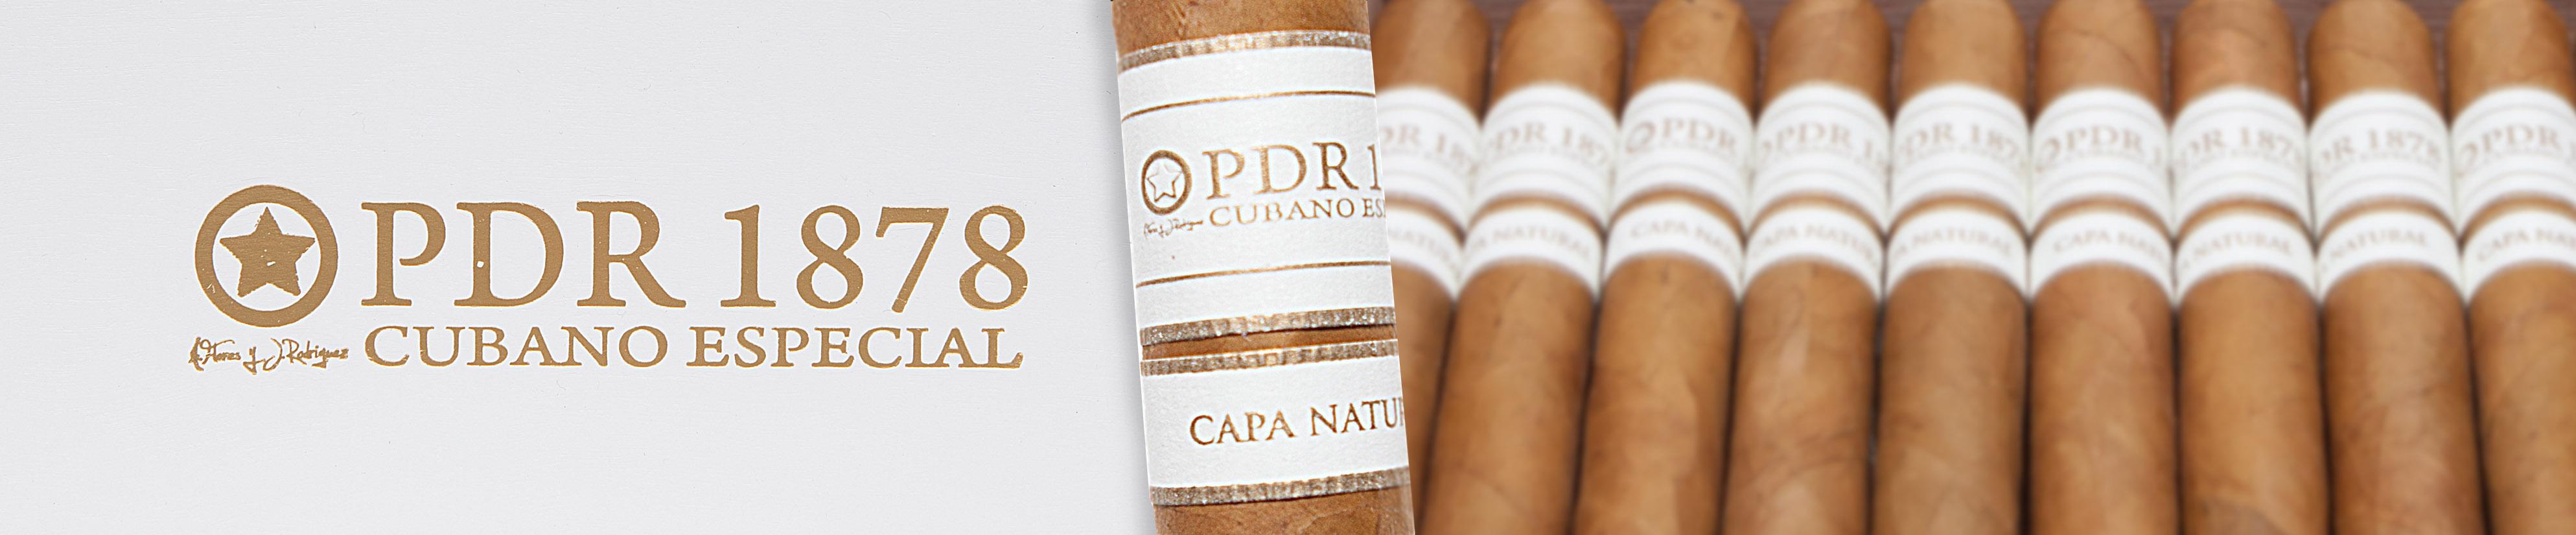 PDR 1878 Cubano Especial Capa Natural